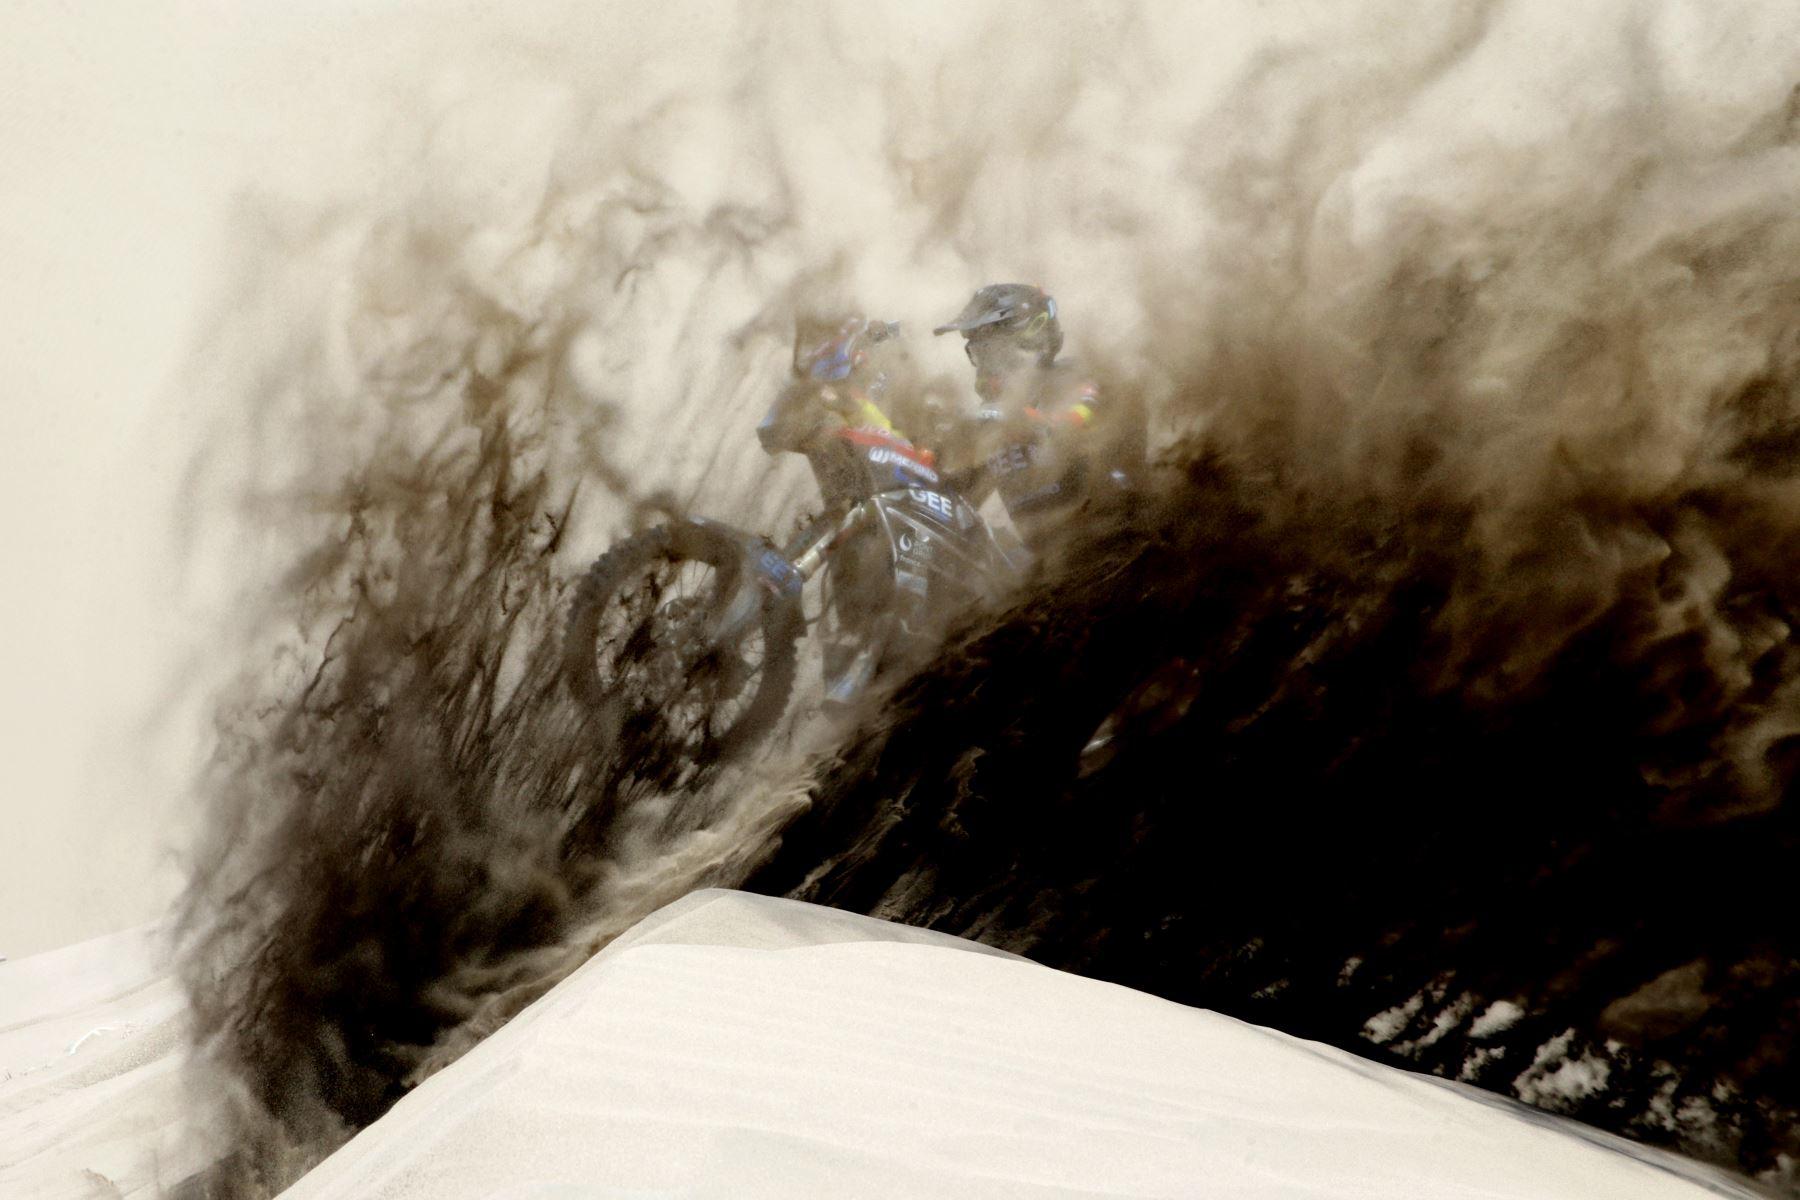 Fotografía tomada el 13 de enero del 2029/ El motociclista español Julio García Merino quedó en medio de la arena que dejó al viento su hermano Julián, cuando lo pasó en las dunas de Pisco, Perú. En medio de la arena se ve el rostro de Jesucristo. Foto: ANDINA/ Luis Iparraguirre